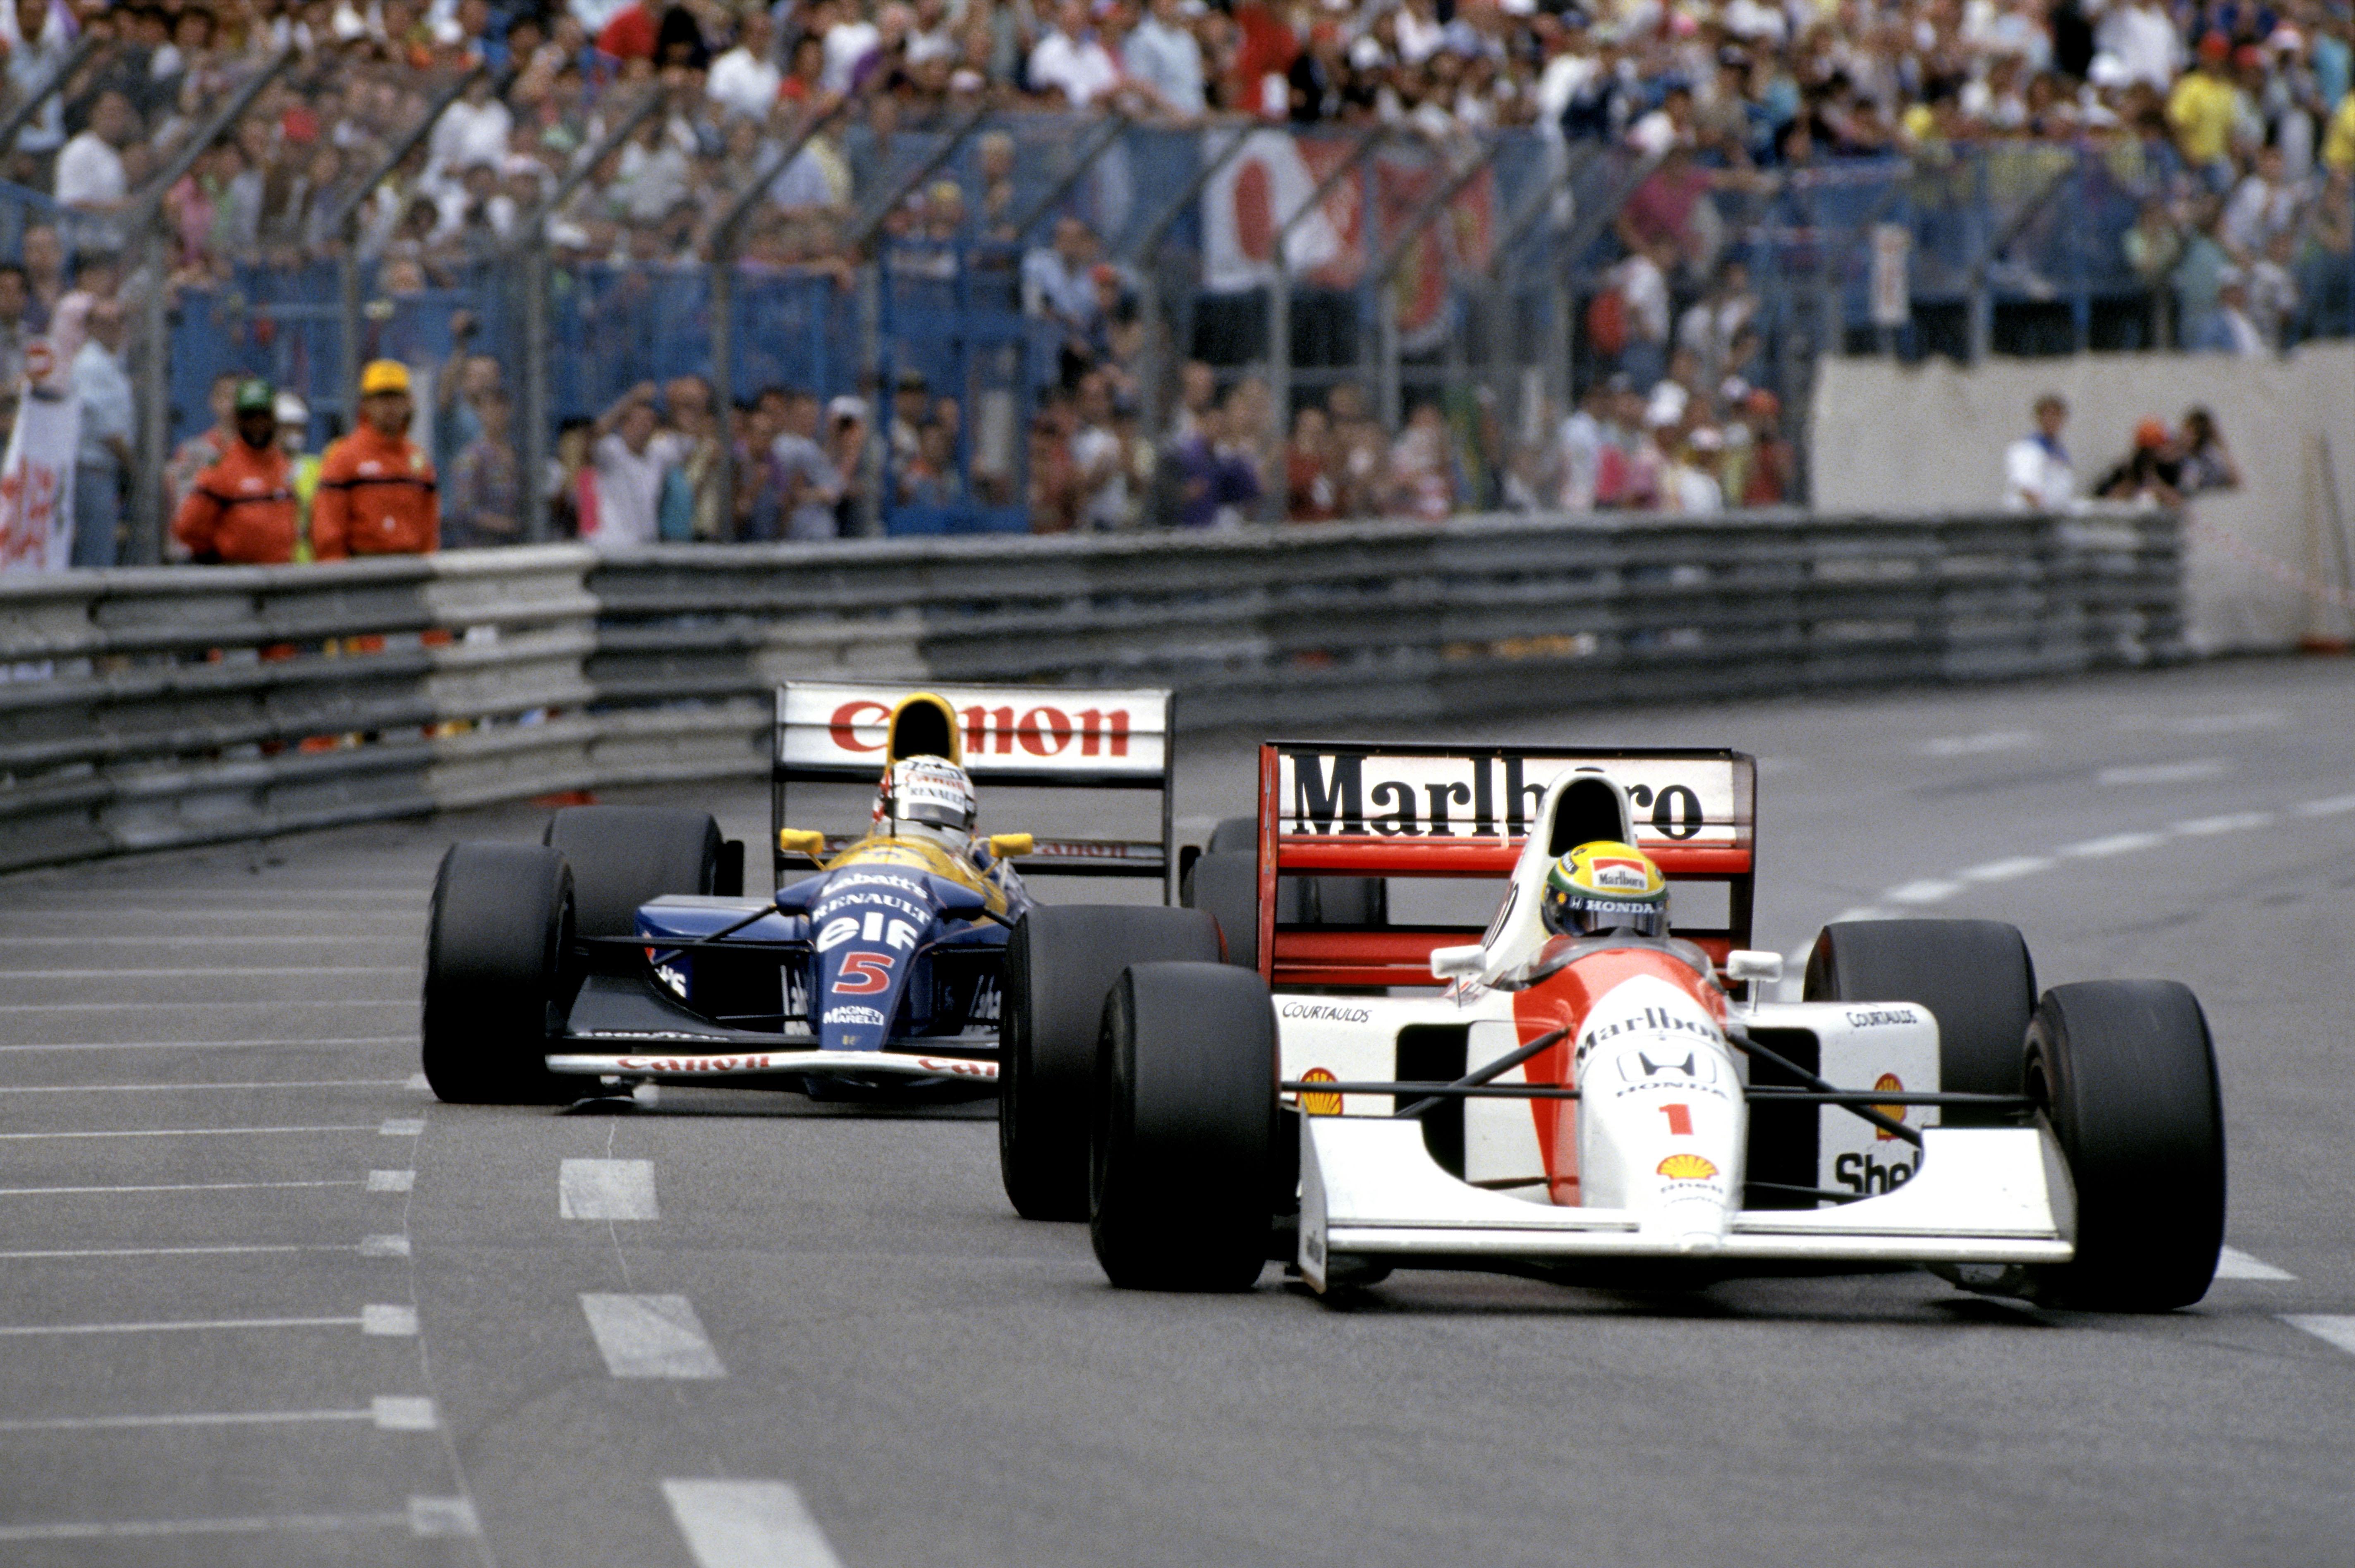 Mot slutten av Monaco GP 1992 ble Senna hardt presset av Mansell i sin overlegne Williams på nye dekk. «Ingen andre enn Senna kunne ha vunnet, alle andre ville ha gjort en feil i hans situasjon», sa Gerhard Berger etterpå. Foto: Williams